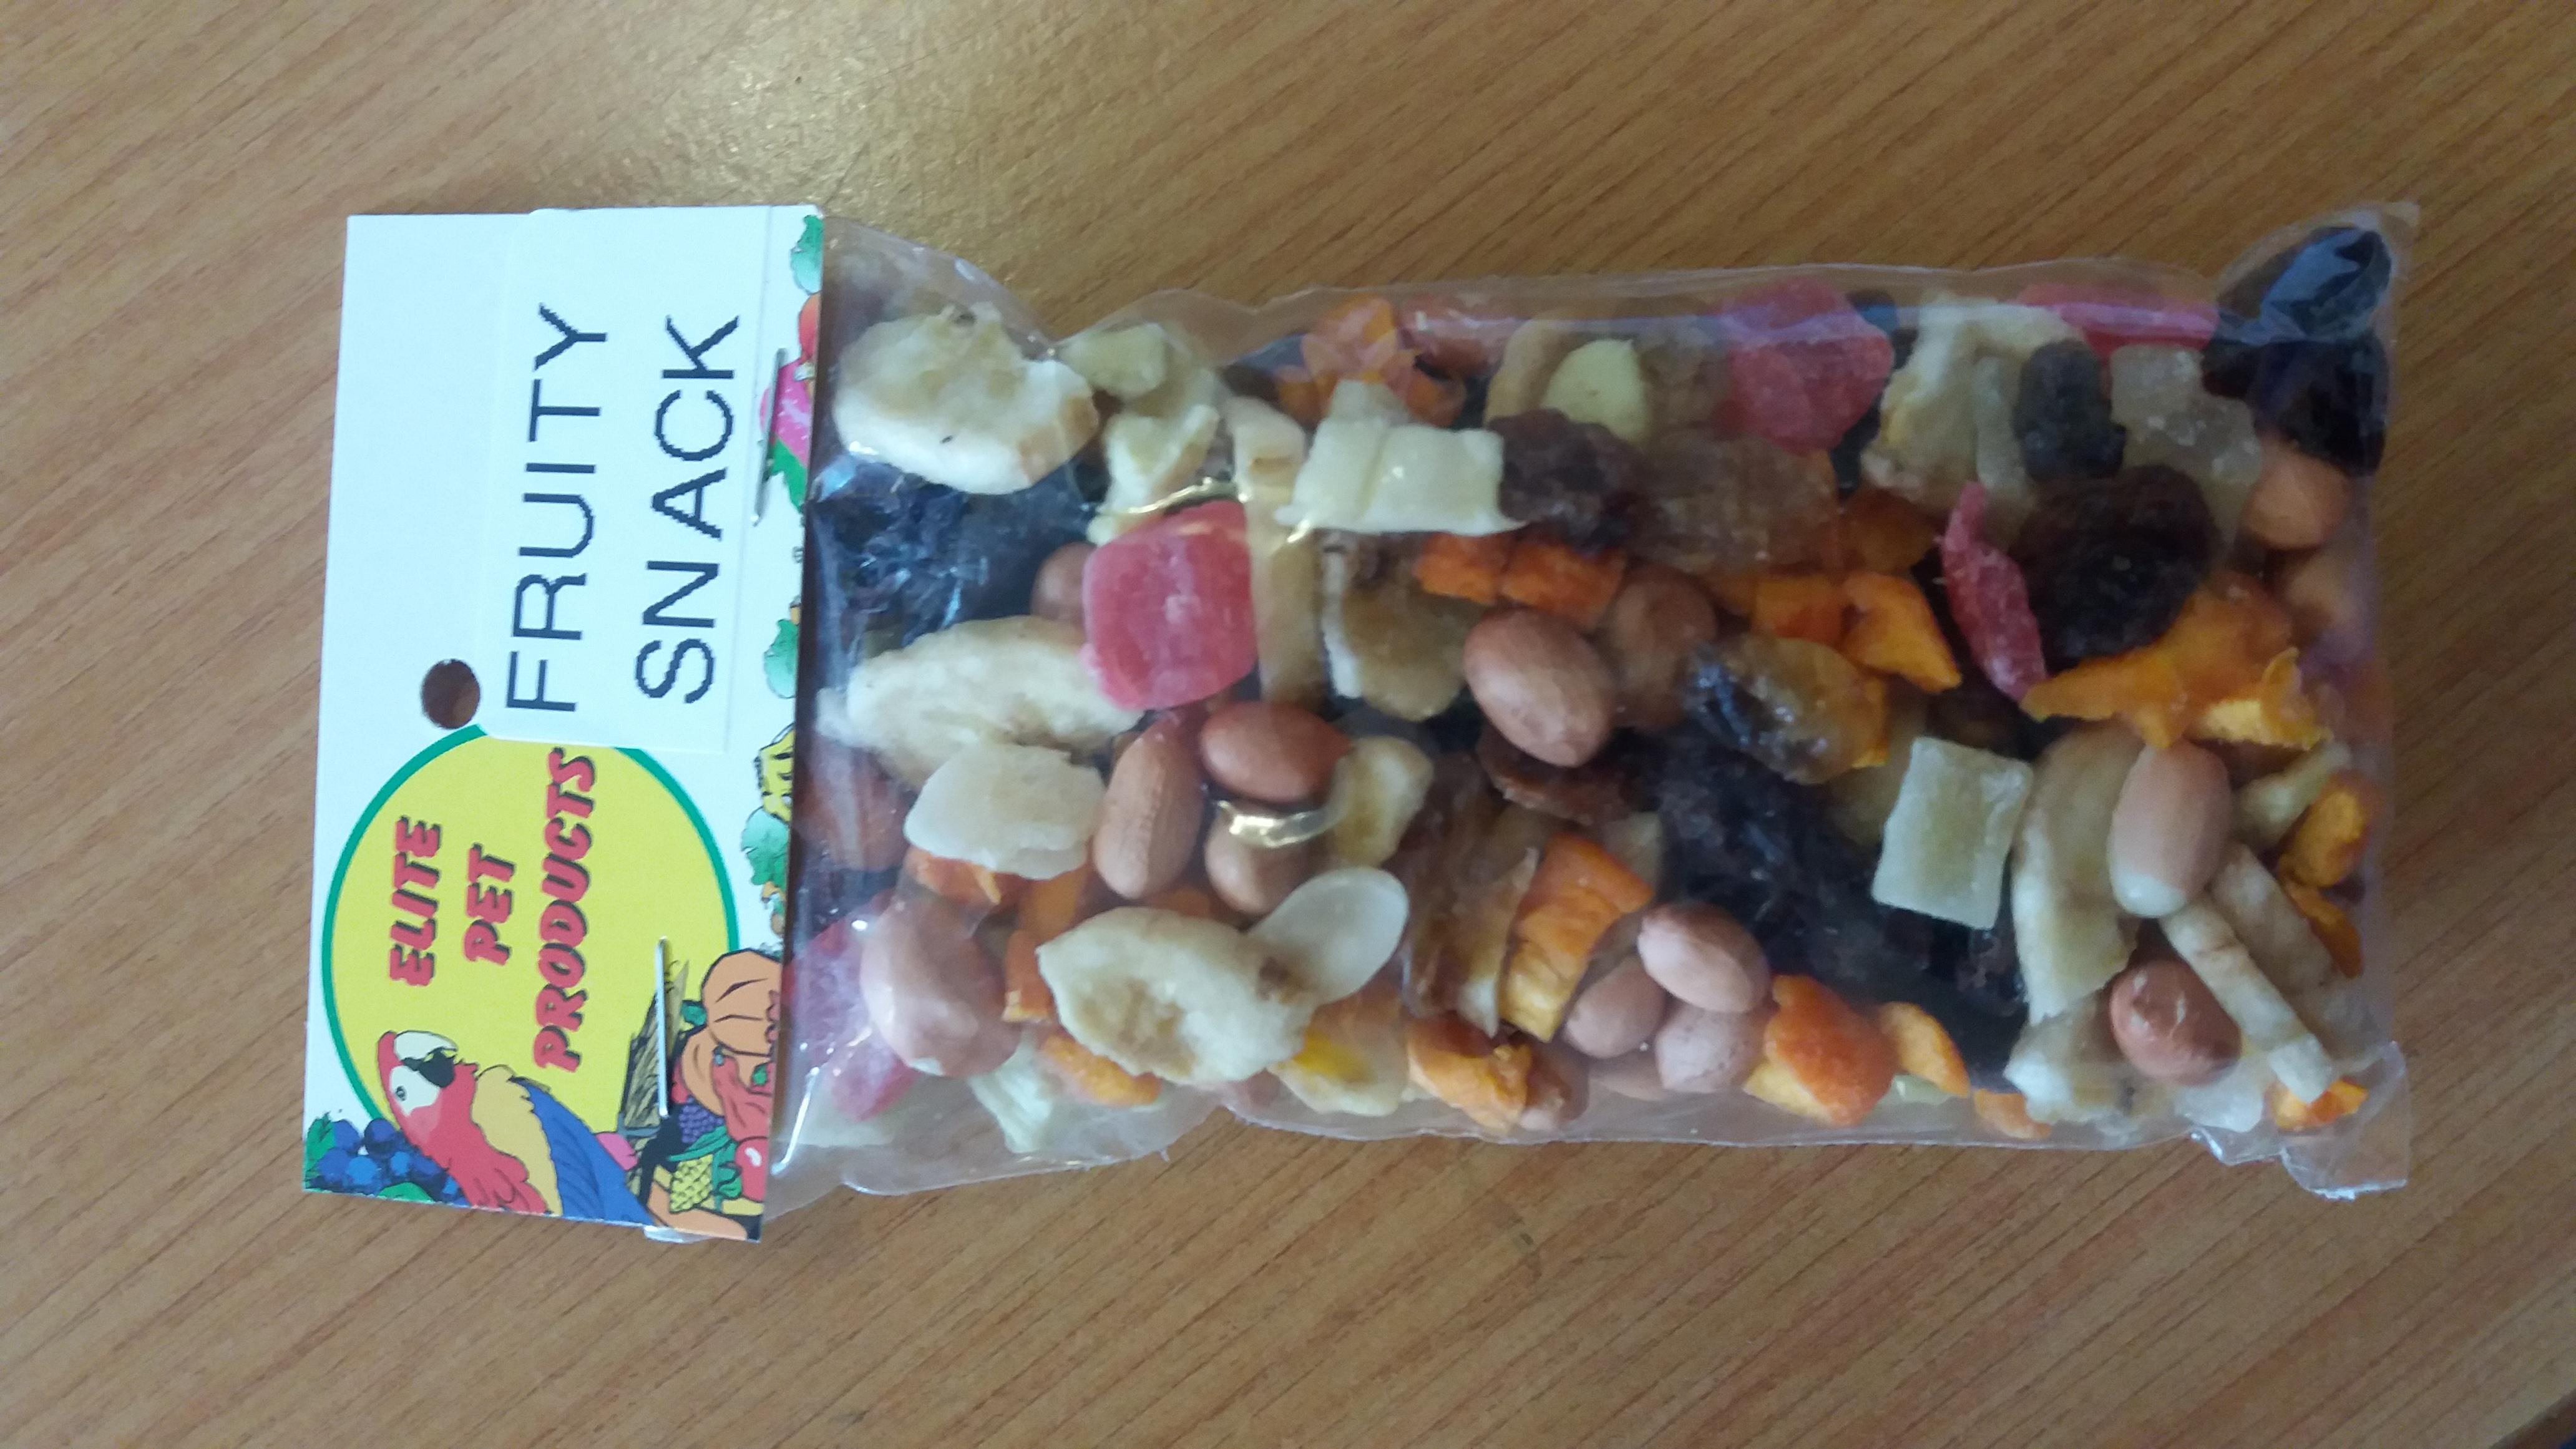 fruity-snack-10-x-74g